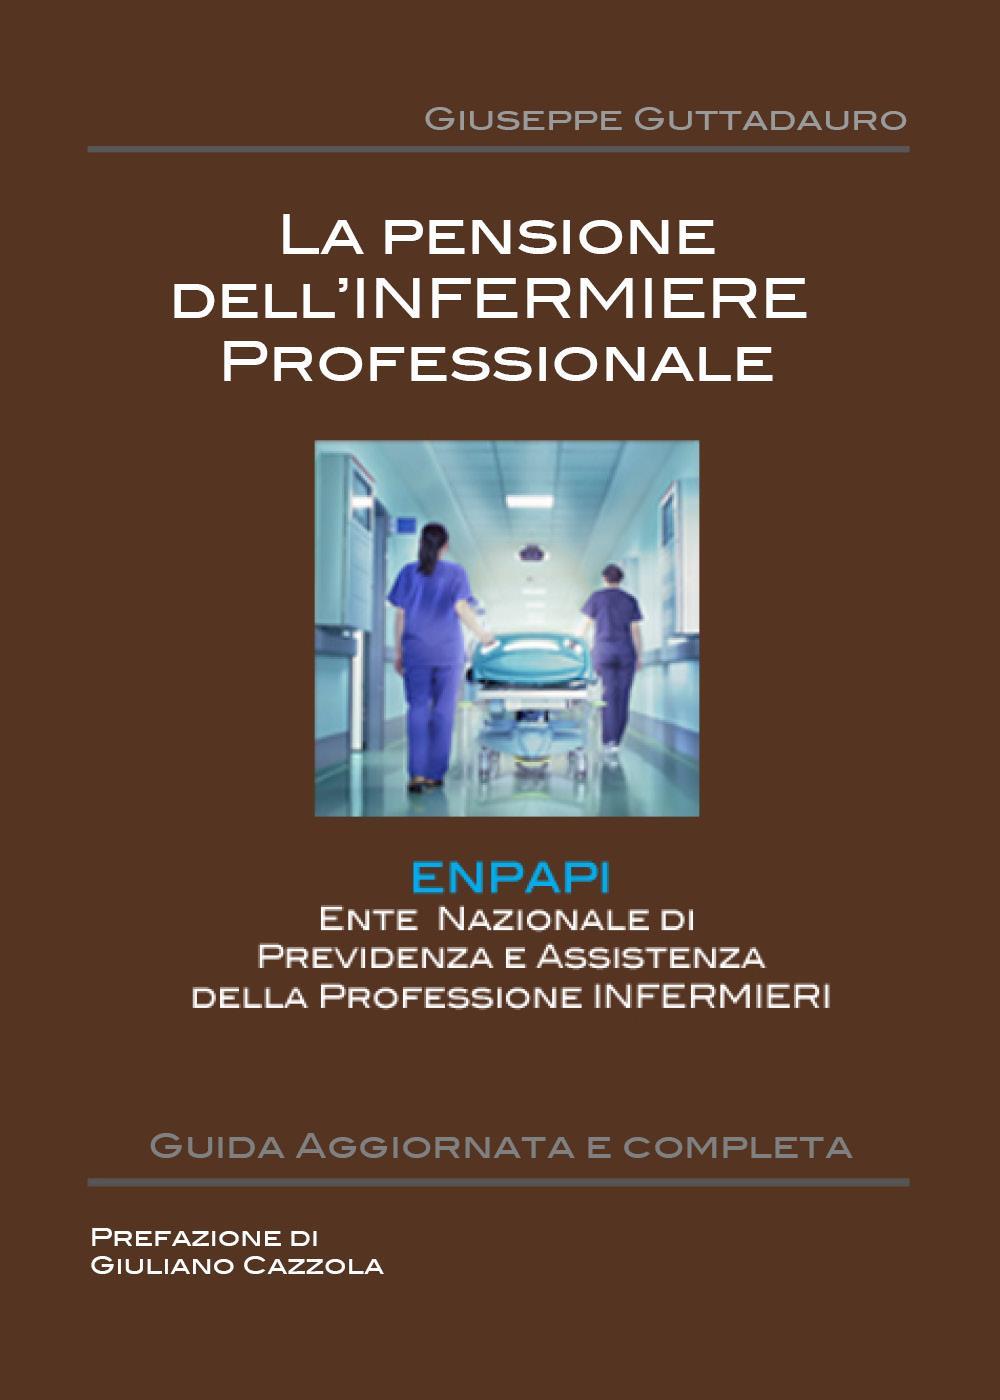 La Pensione dell'Infermiere professionale